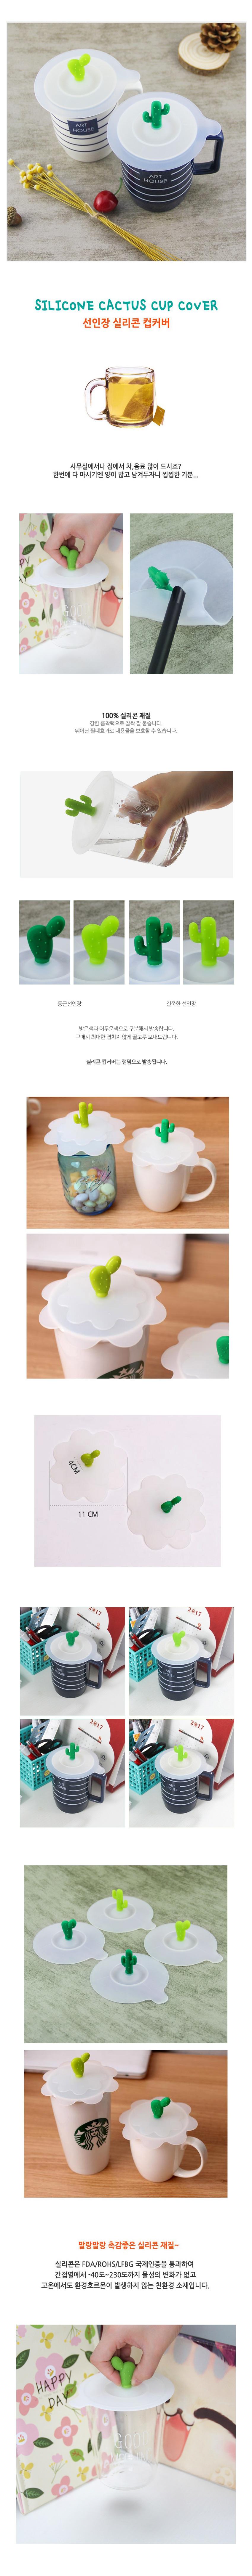 선인장 컵커버 컵뚜껑 - 진바스, 3,500원, 컵받침/뚜껑/홀더, 컵뚜껑